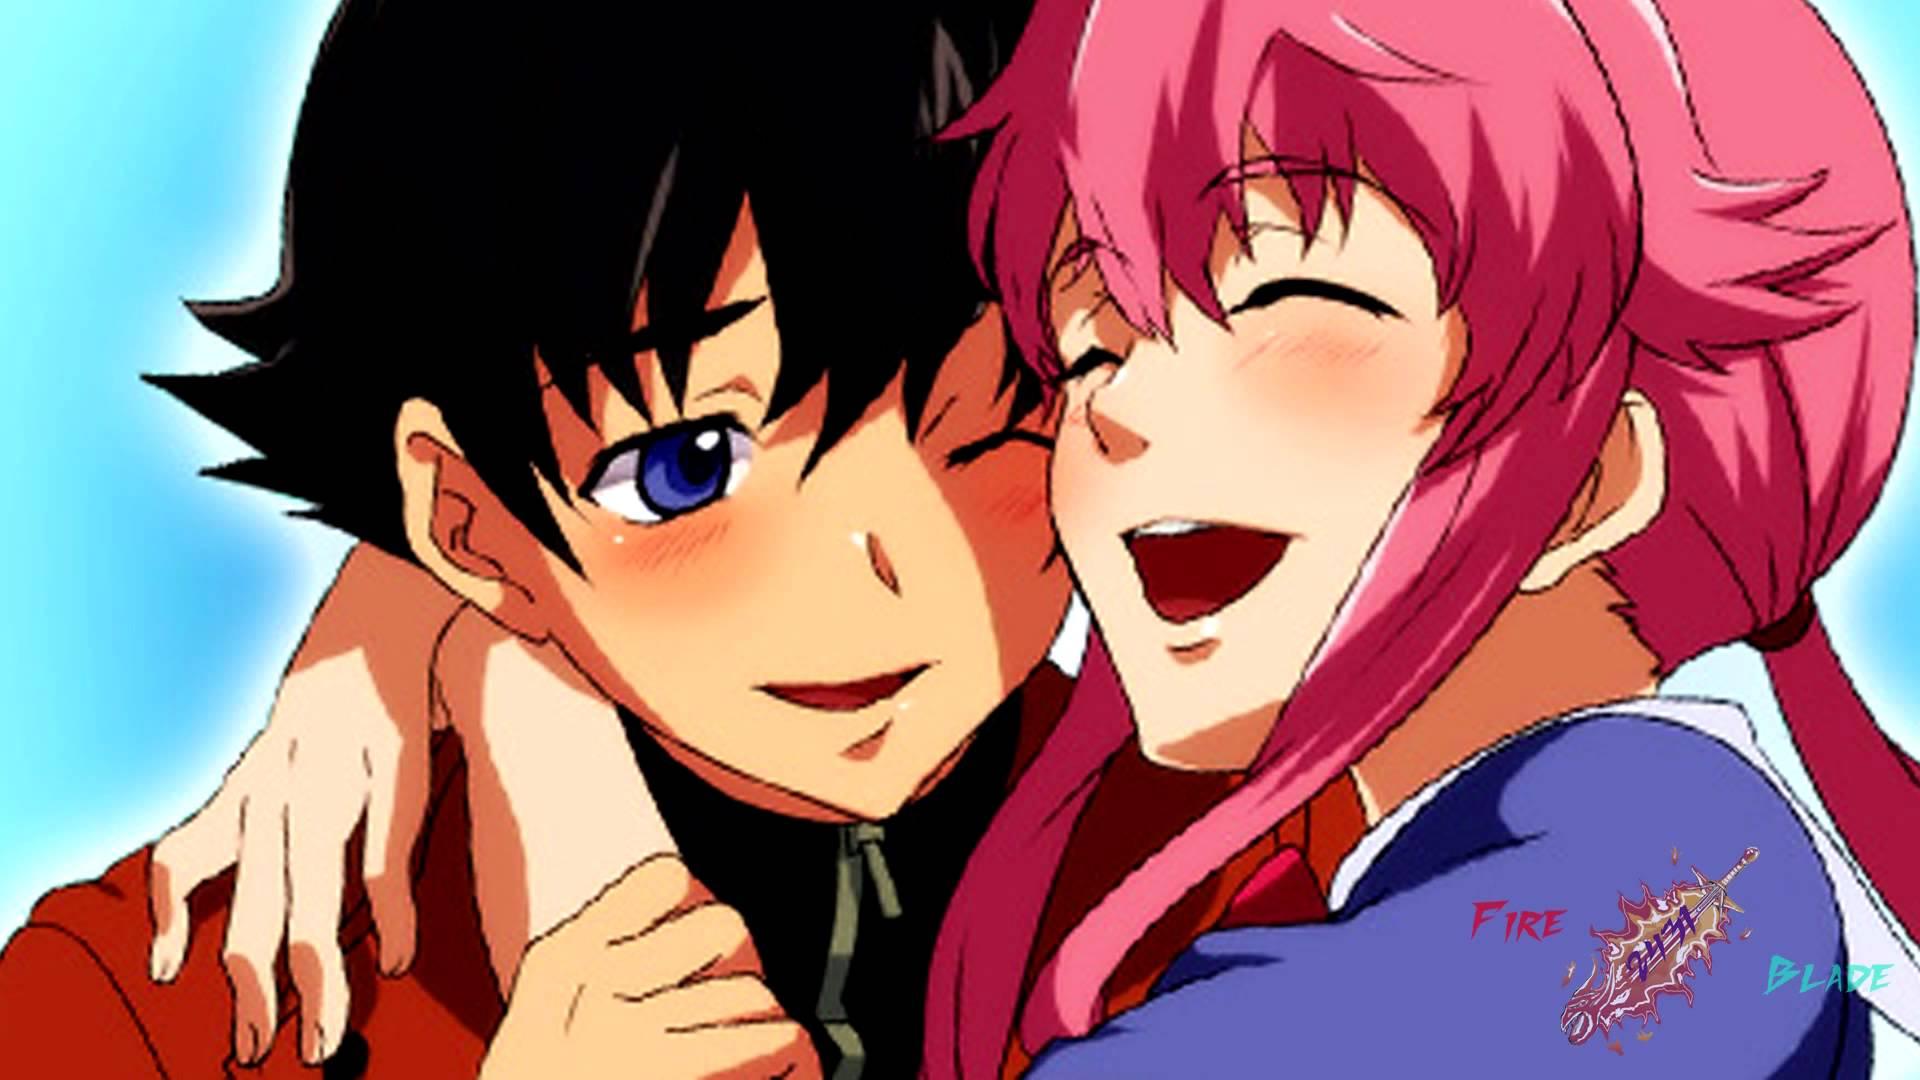 Mirai Nikki wallpapers, Anime, HQ Mirai Nikki pictures ...